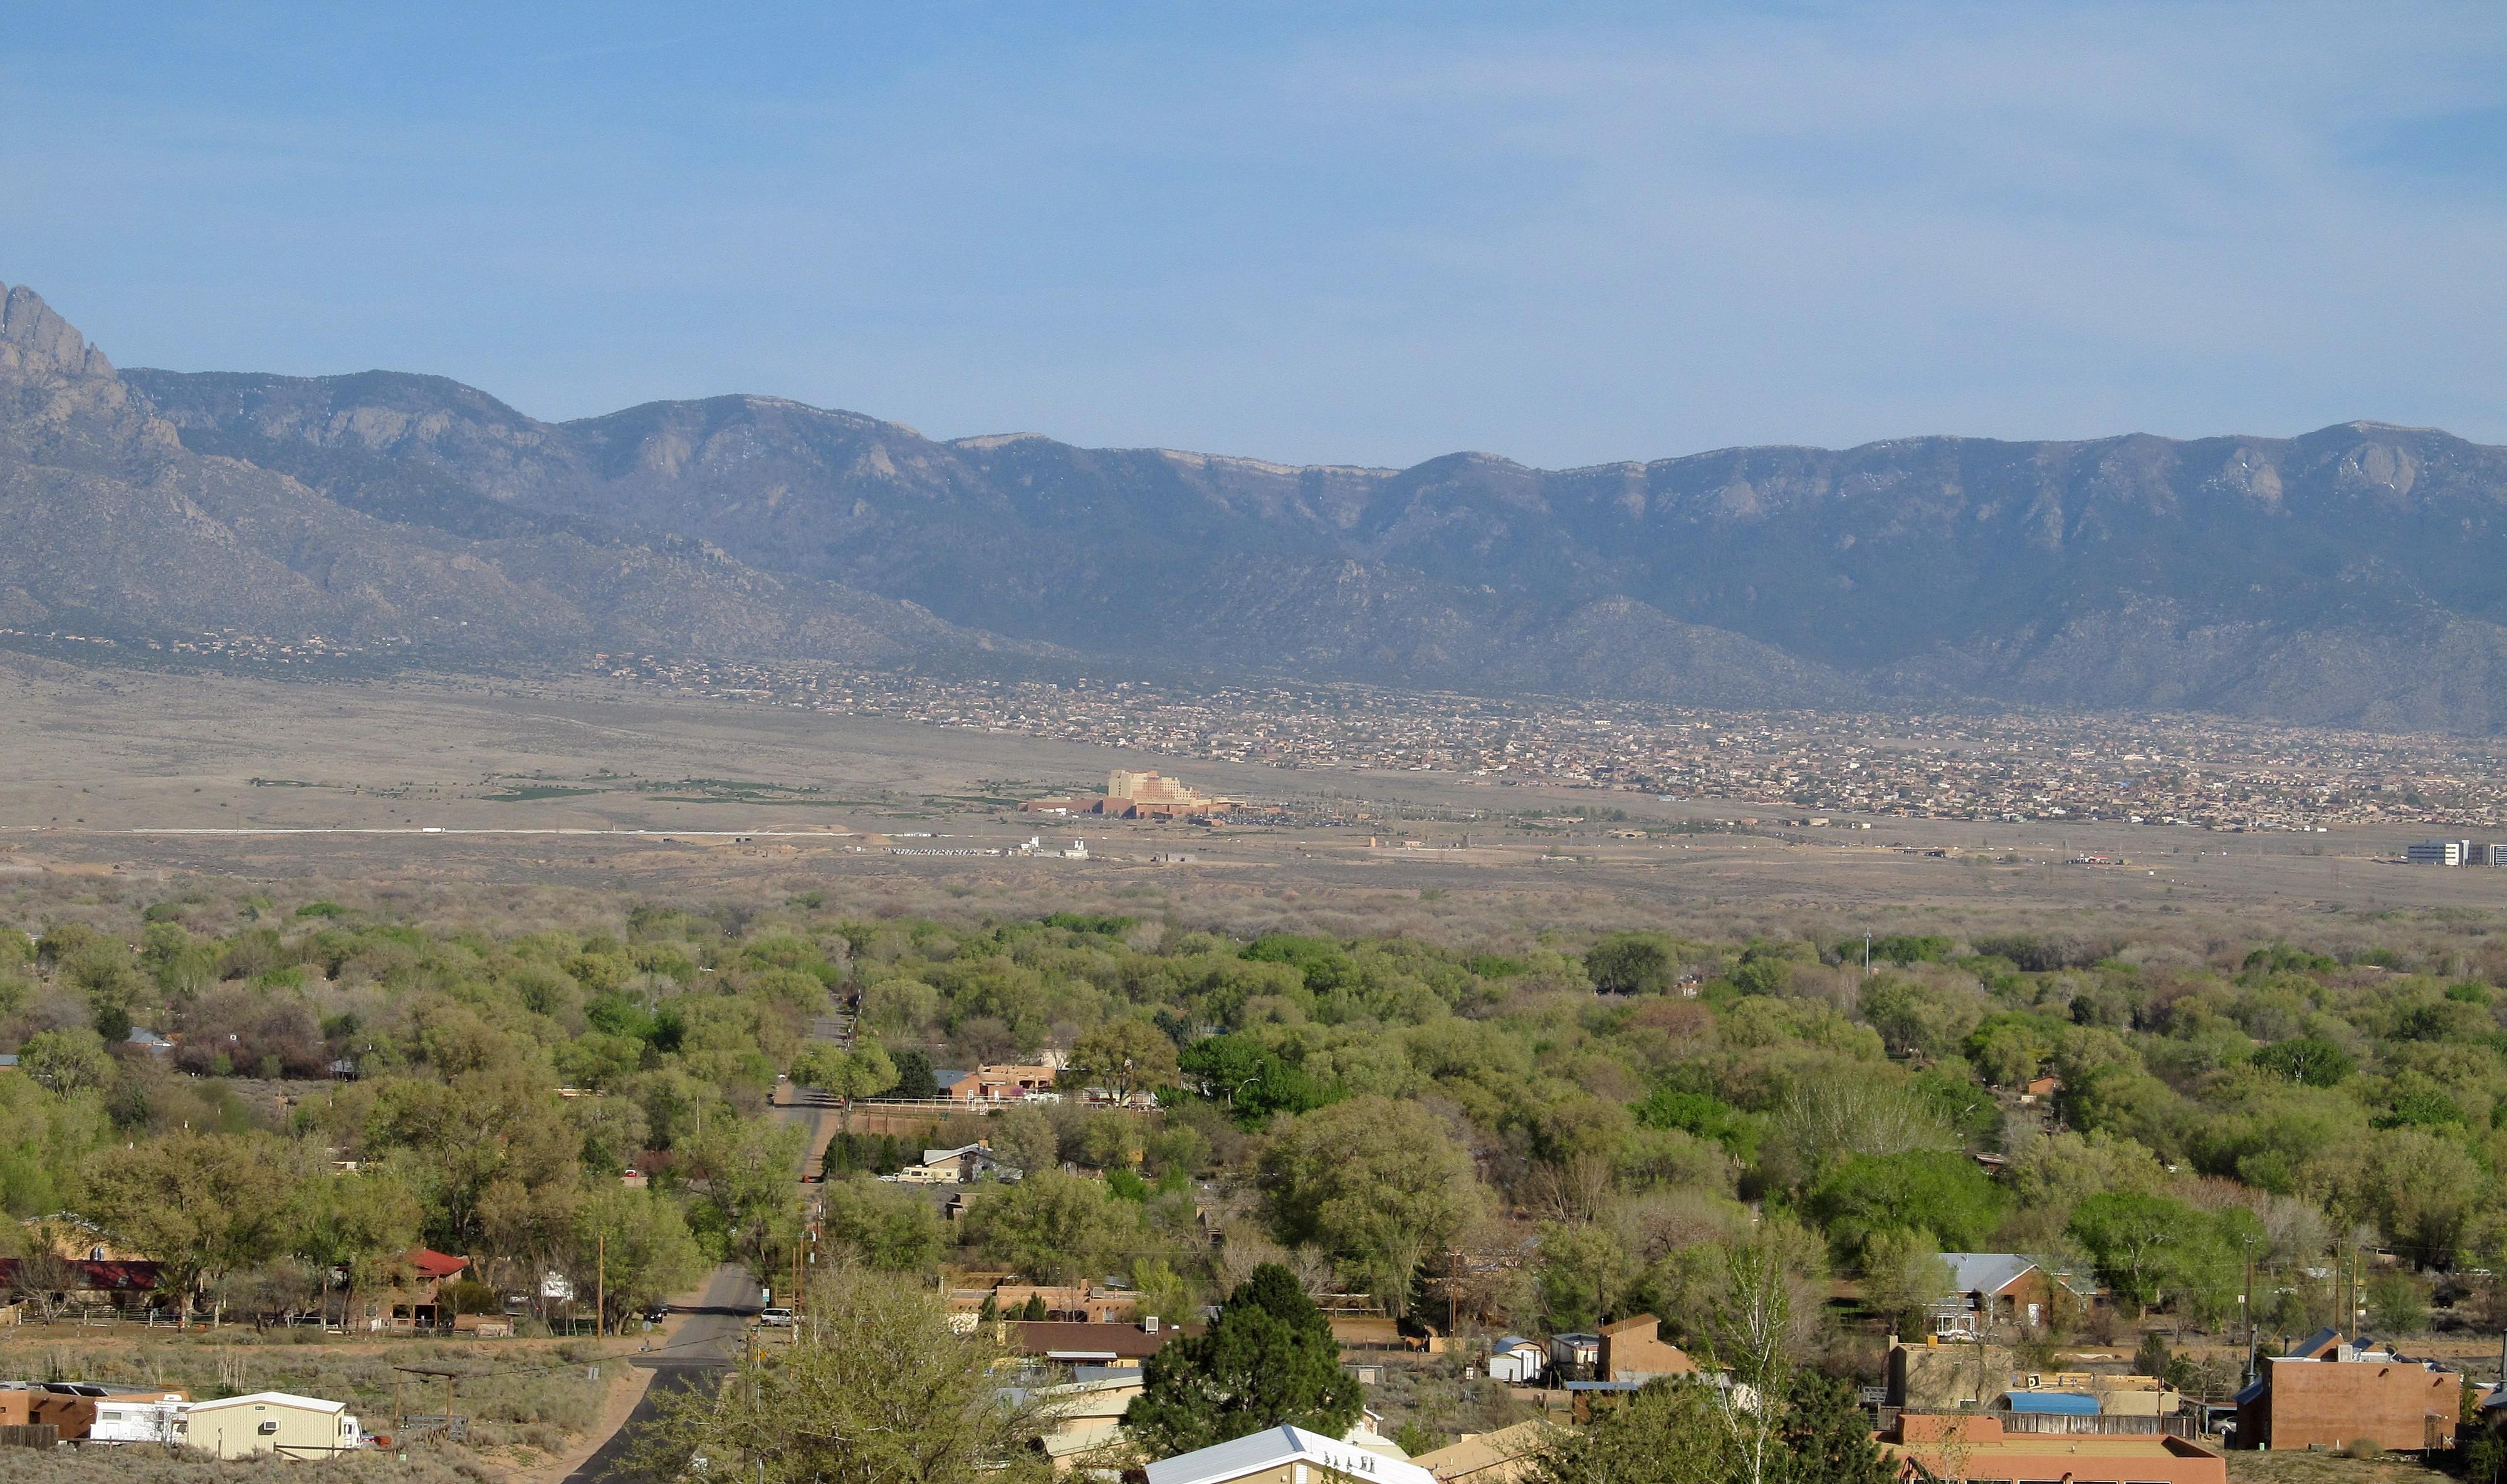 Urban plan Albuquerque Rio Rancho New Mexico